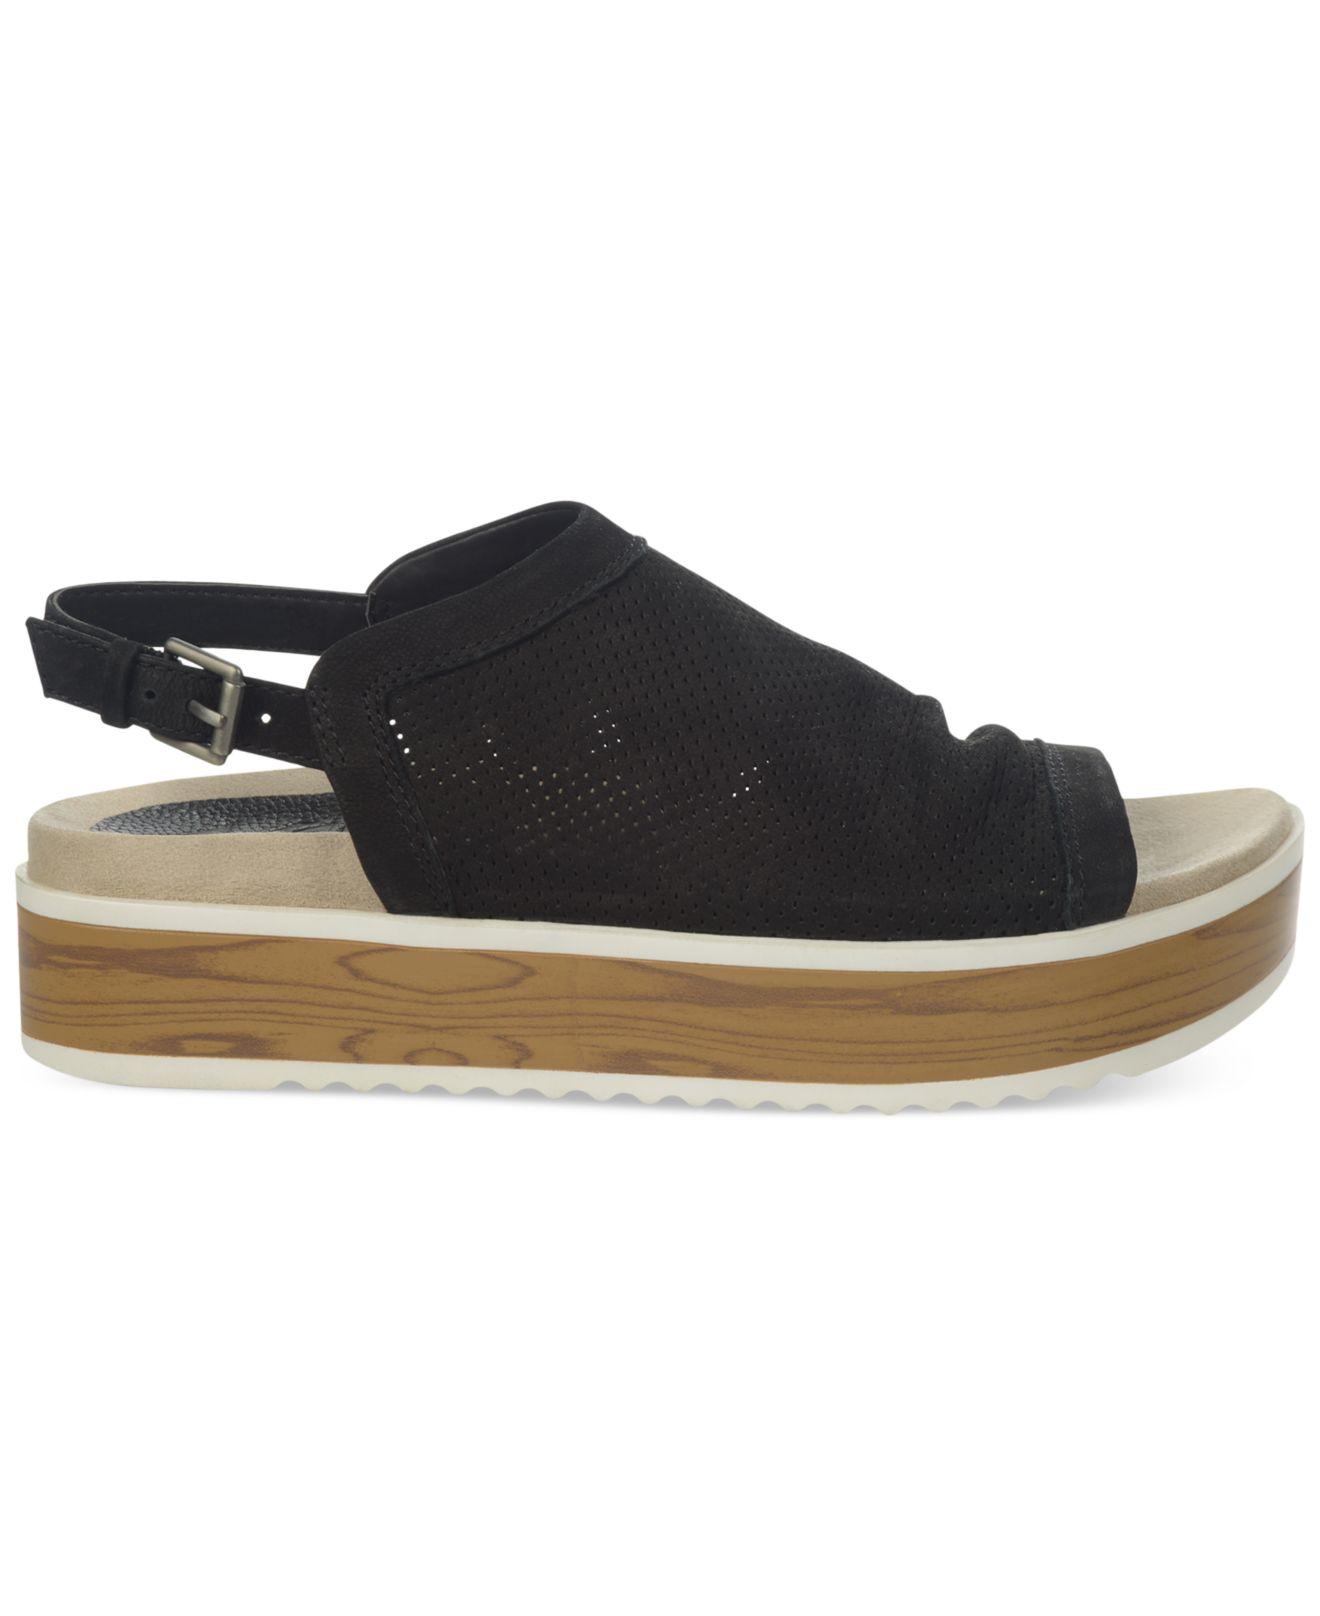 Naya Uno Flat Platform Sandals In Black Lyst